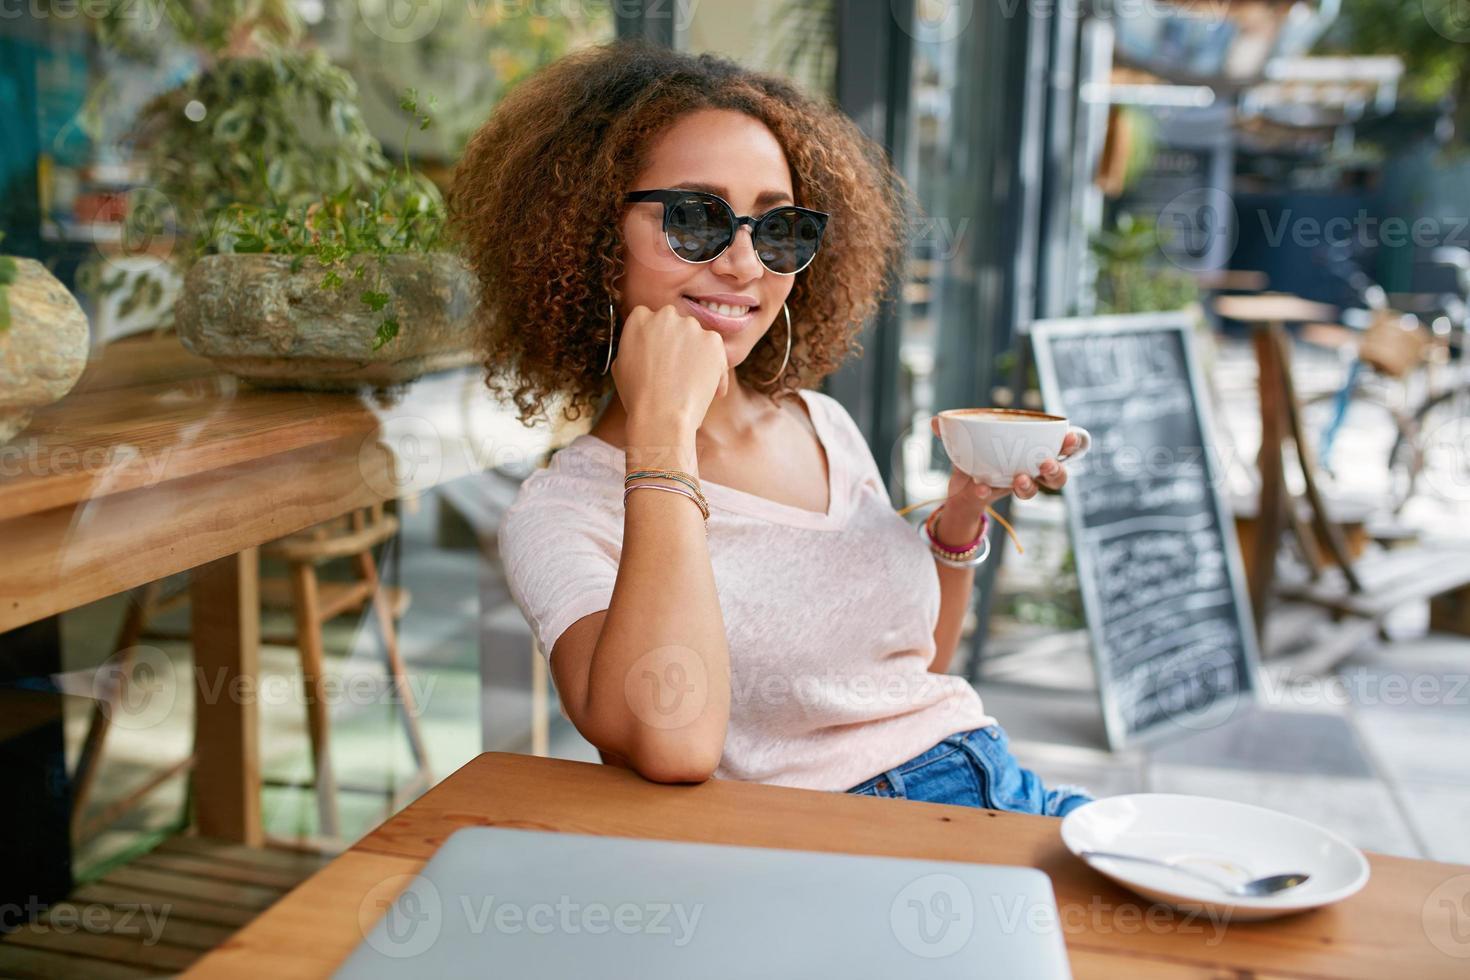 hermosa chica tomando una taza de café en la cafetería foto